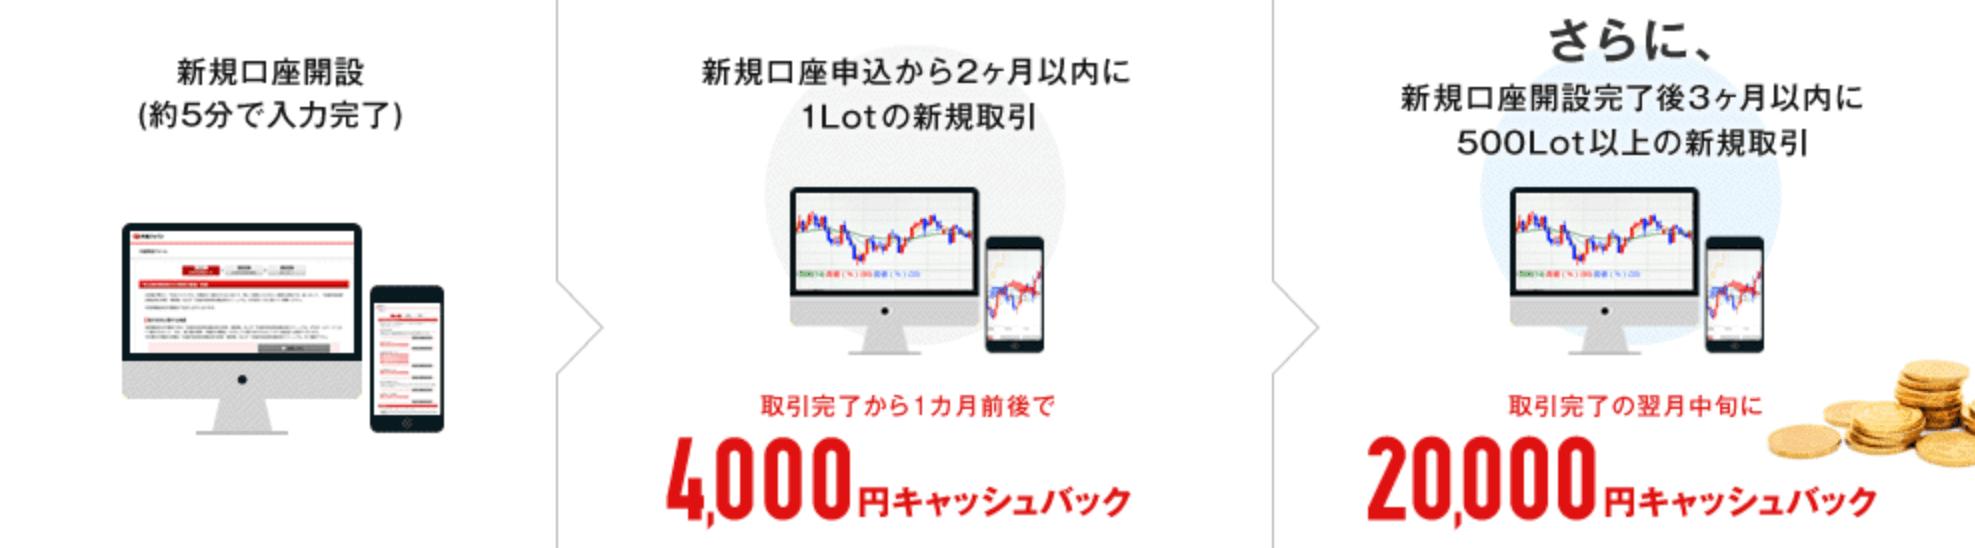 外為ジャパンのキャンペーン